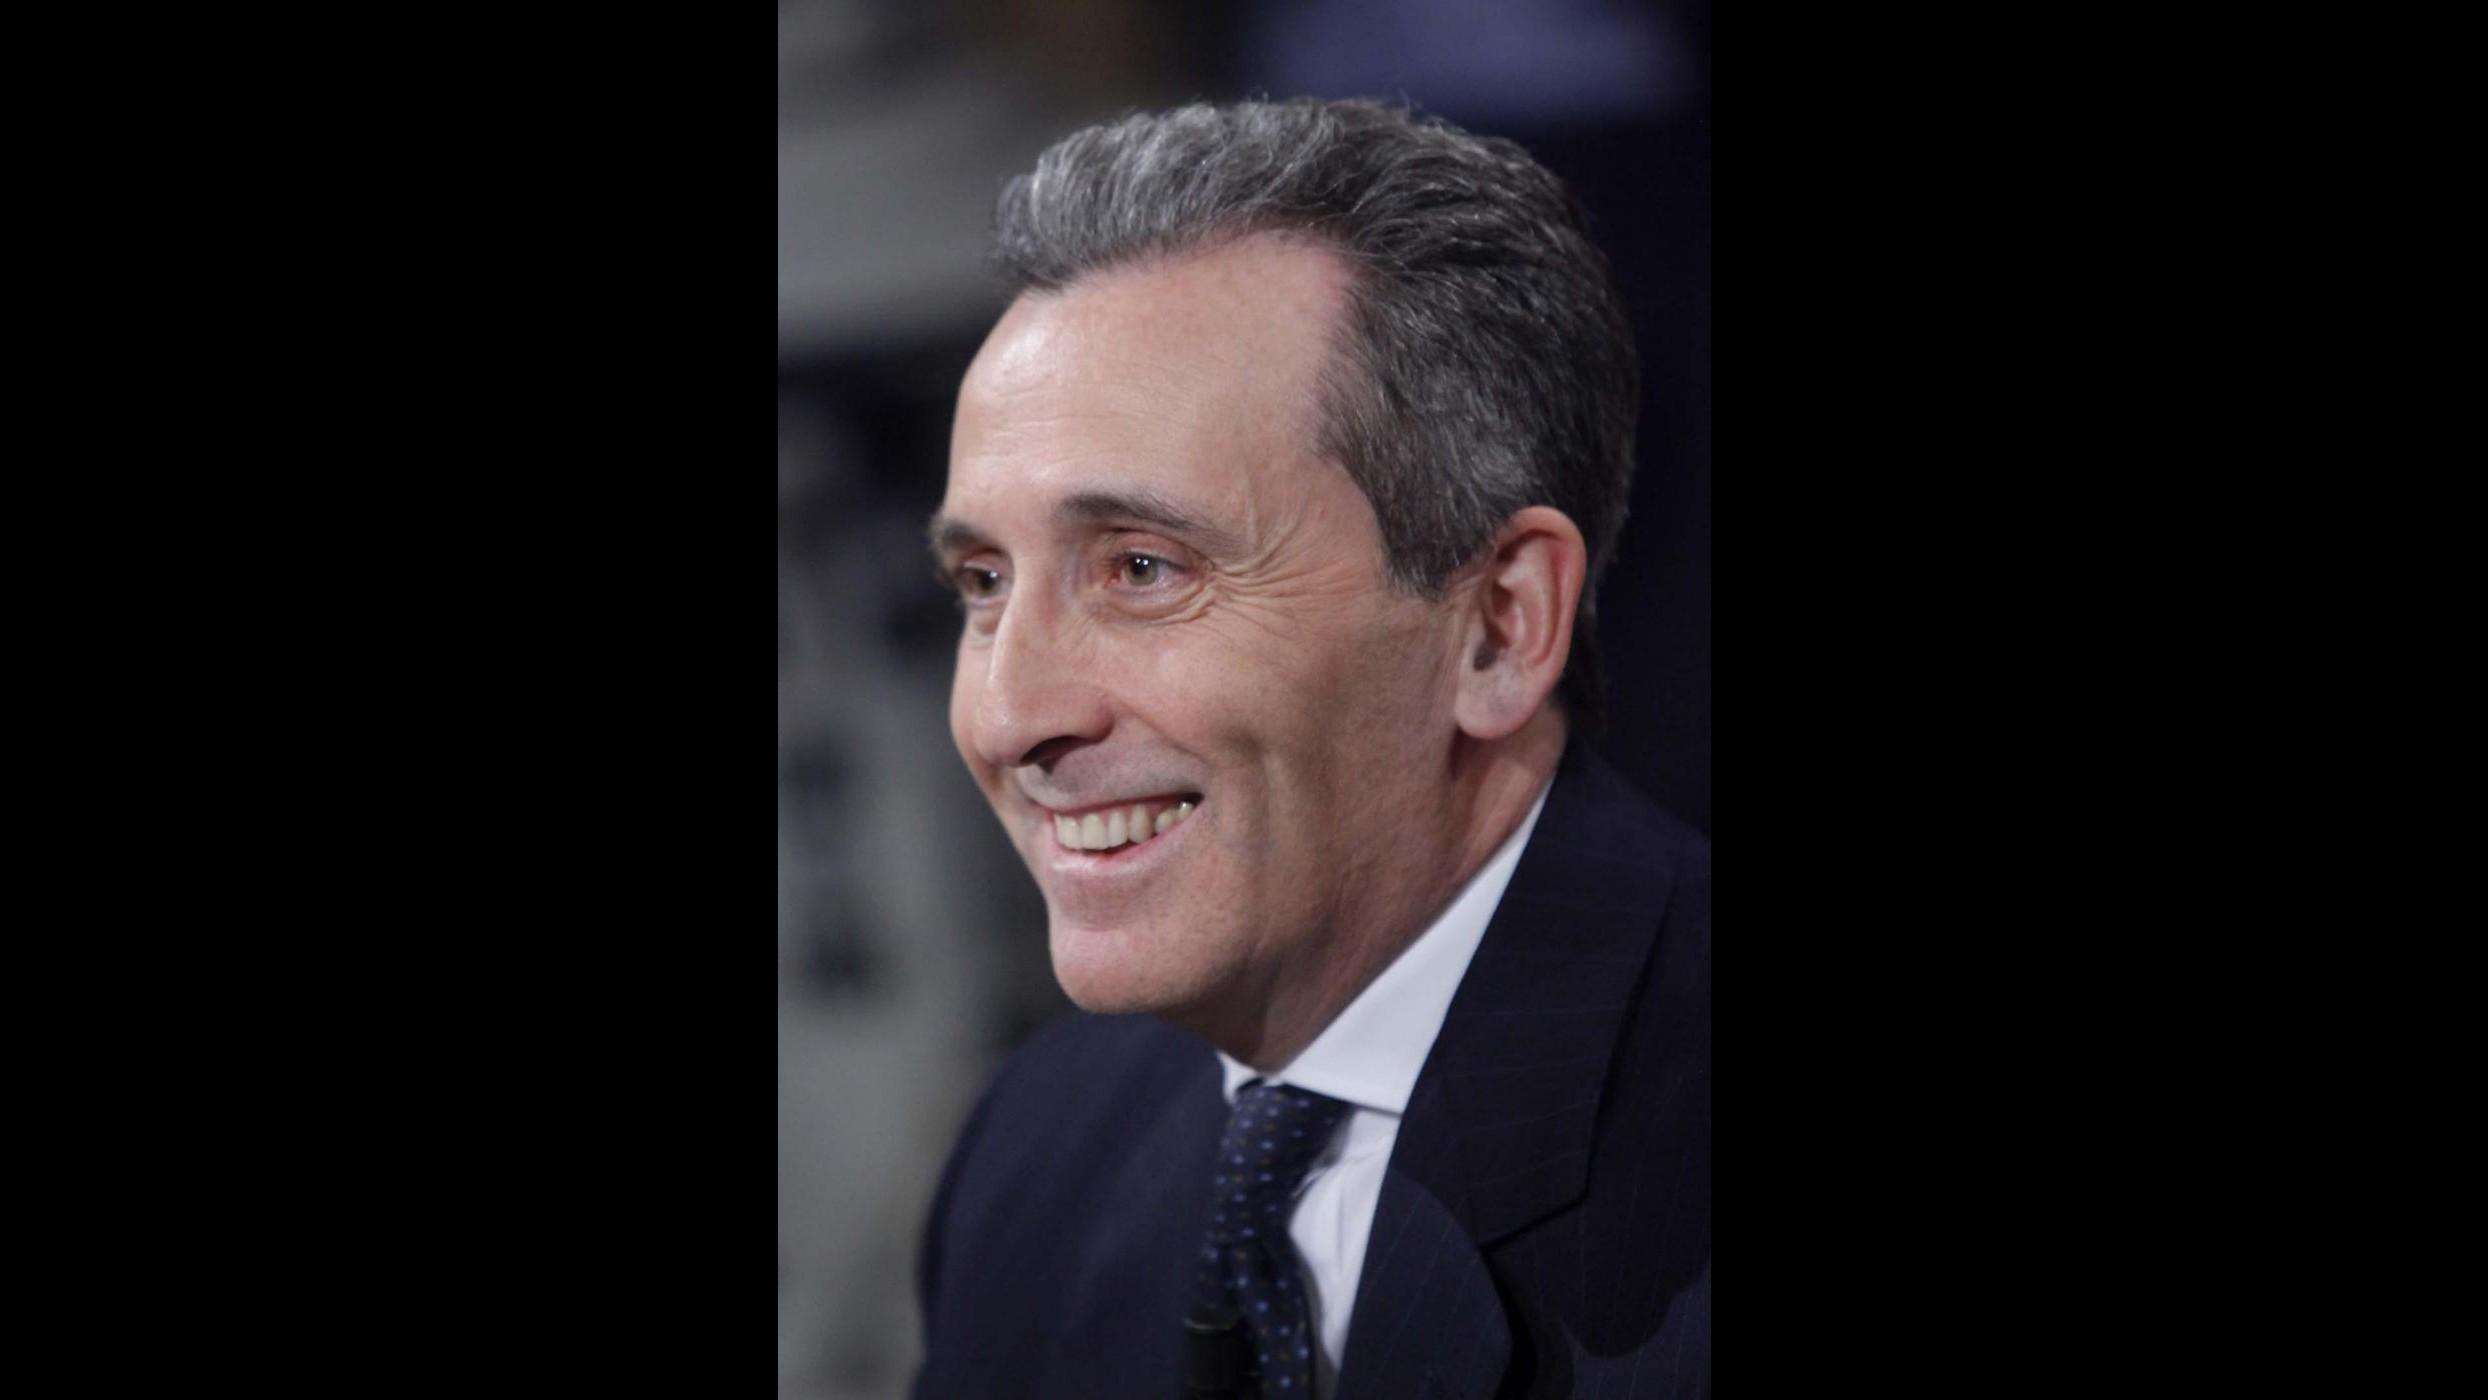 Crisi, Grilli: Necessario pareggio di bilancio, senza se e senza ma